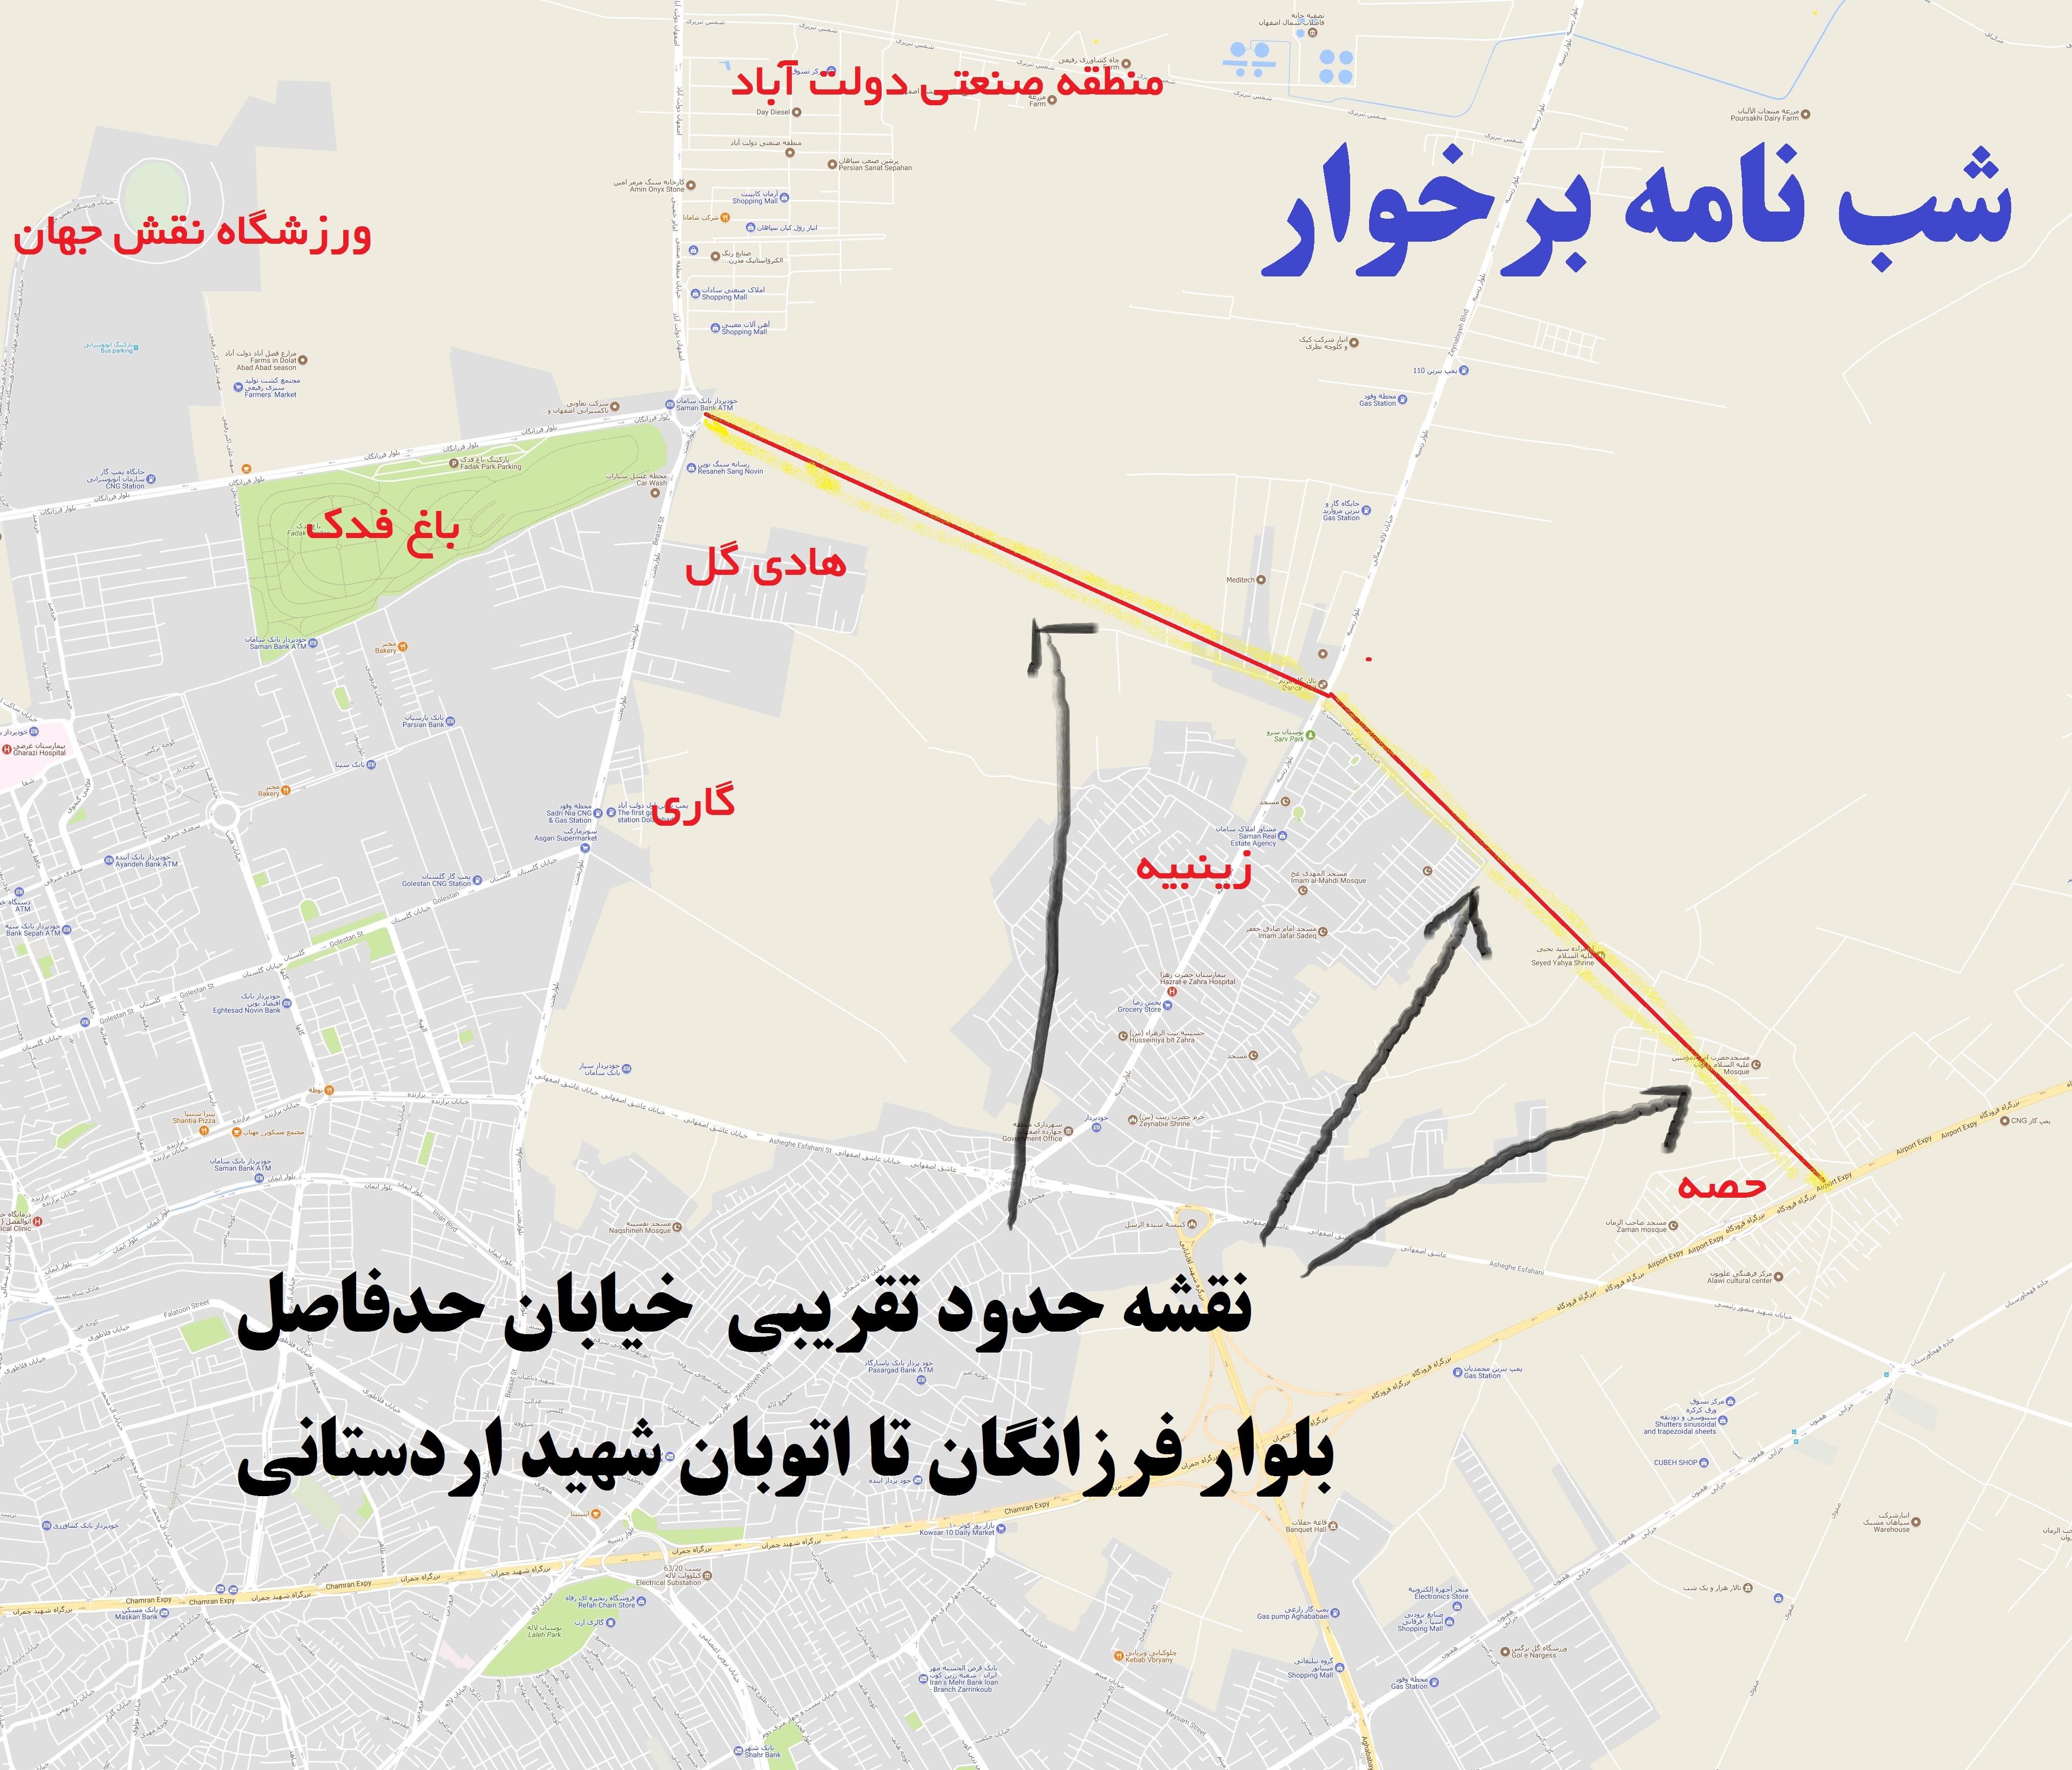 شهرداری منطقه 14 اصفهان